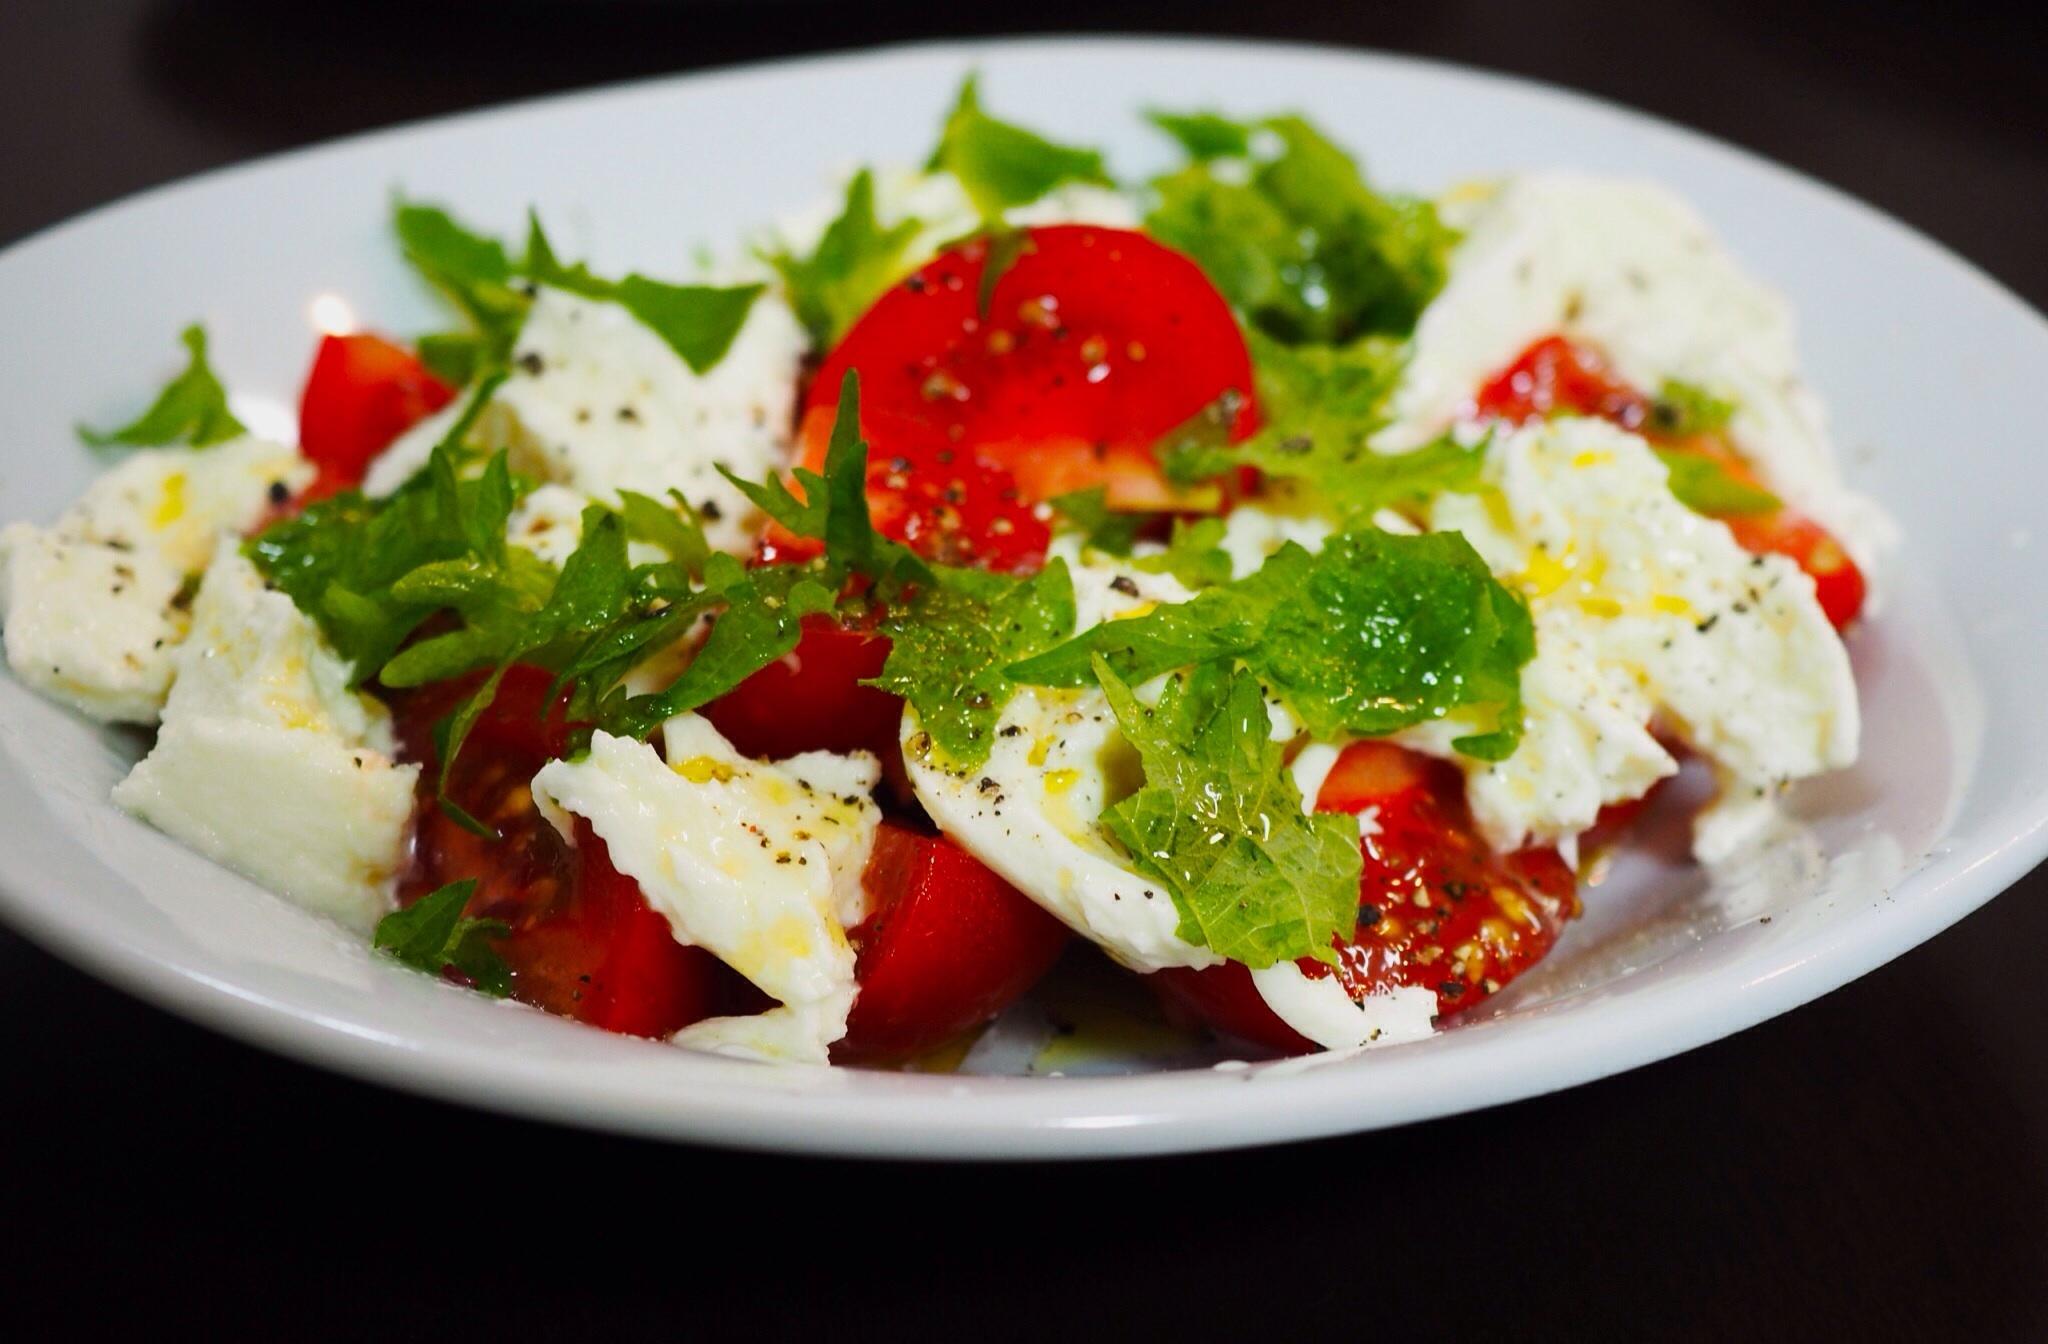 トマトとモッツアレラのサラダ - sobu 2